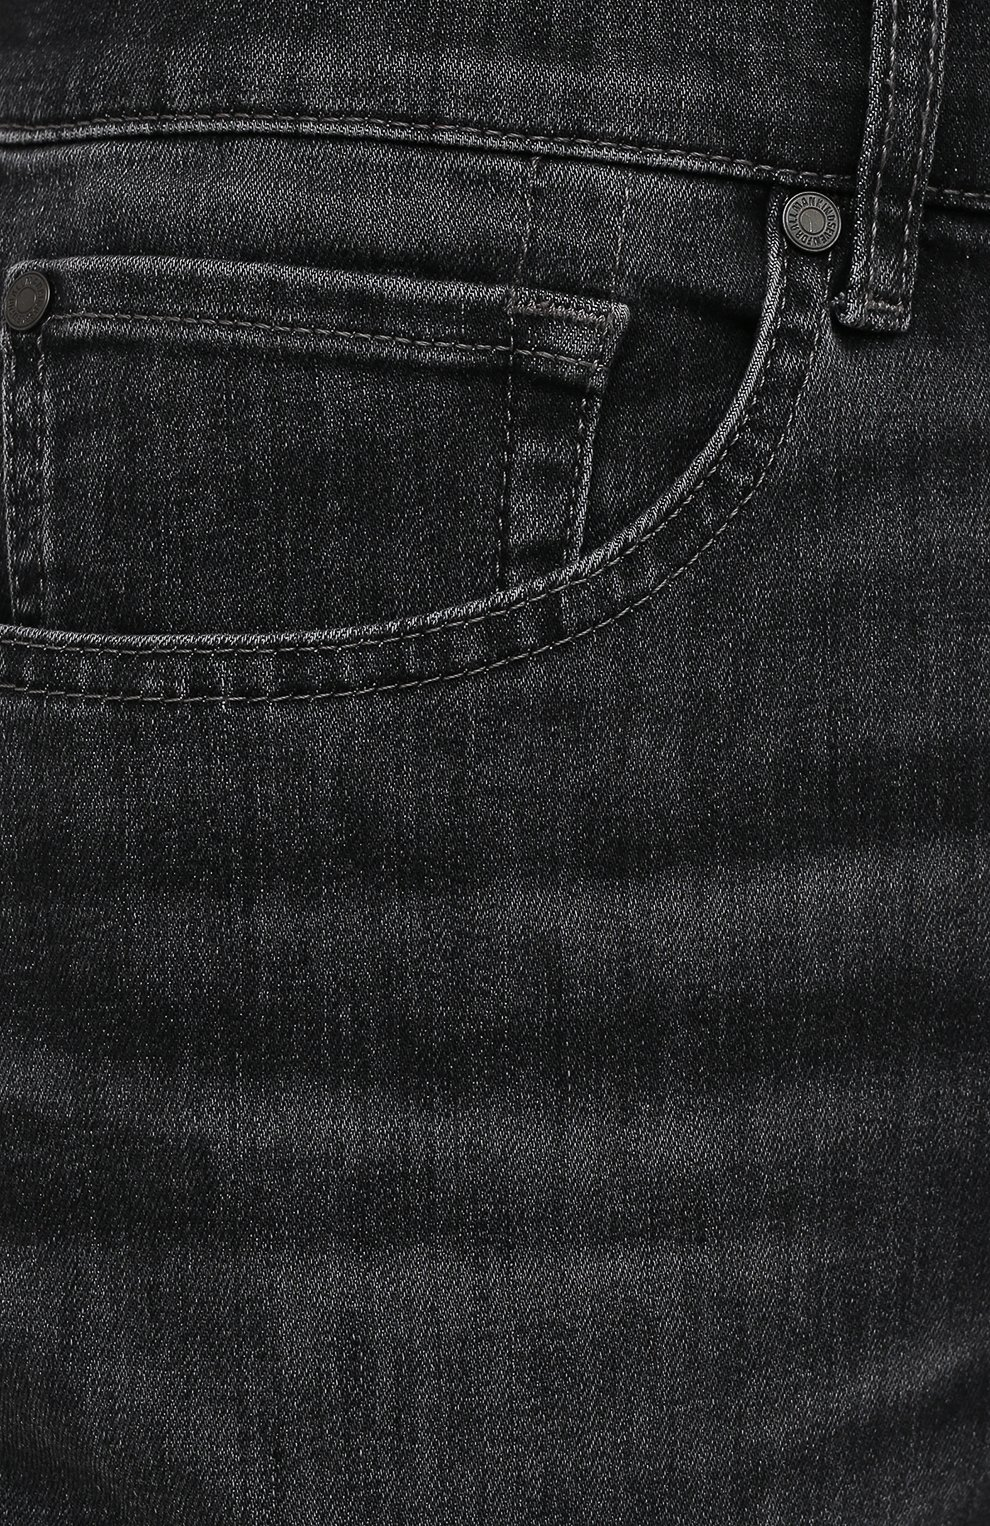 Мужские джинсы 7 FOR ALL MANKIND темно-серого цвета, арт. JSMSB820LG | Фото 5 (Силуэт М (брюки): Прямые; Длина (брюки, джинсы): Стандартные; Материал внешний: Хлопок; Стили: Кэжуэл)